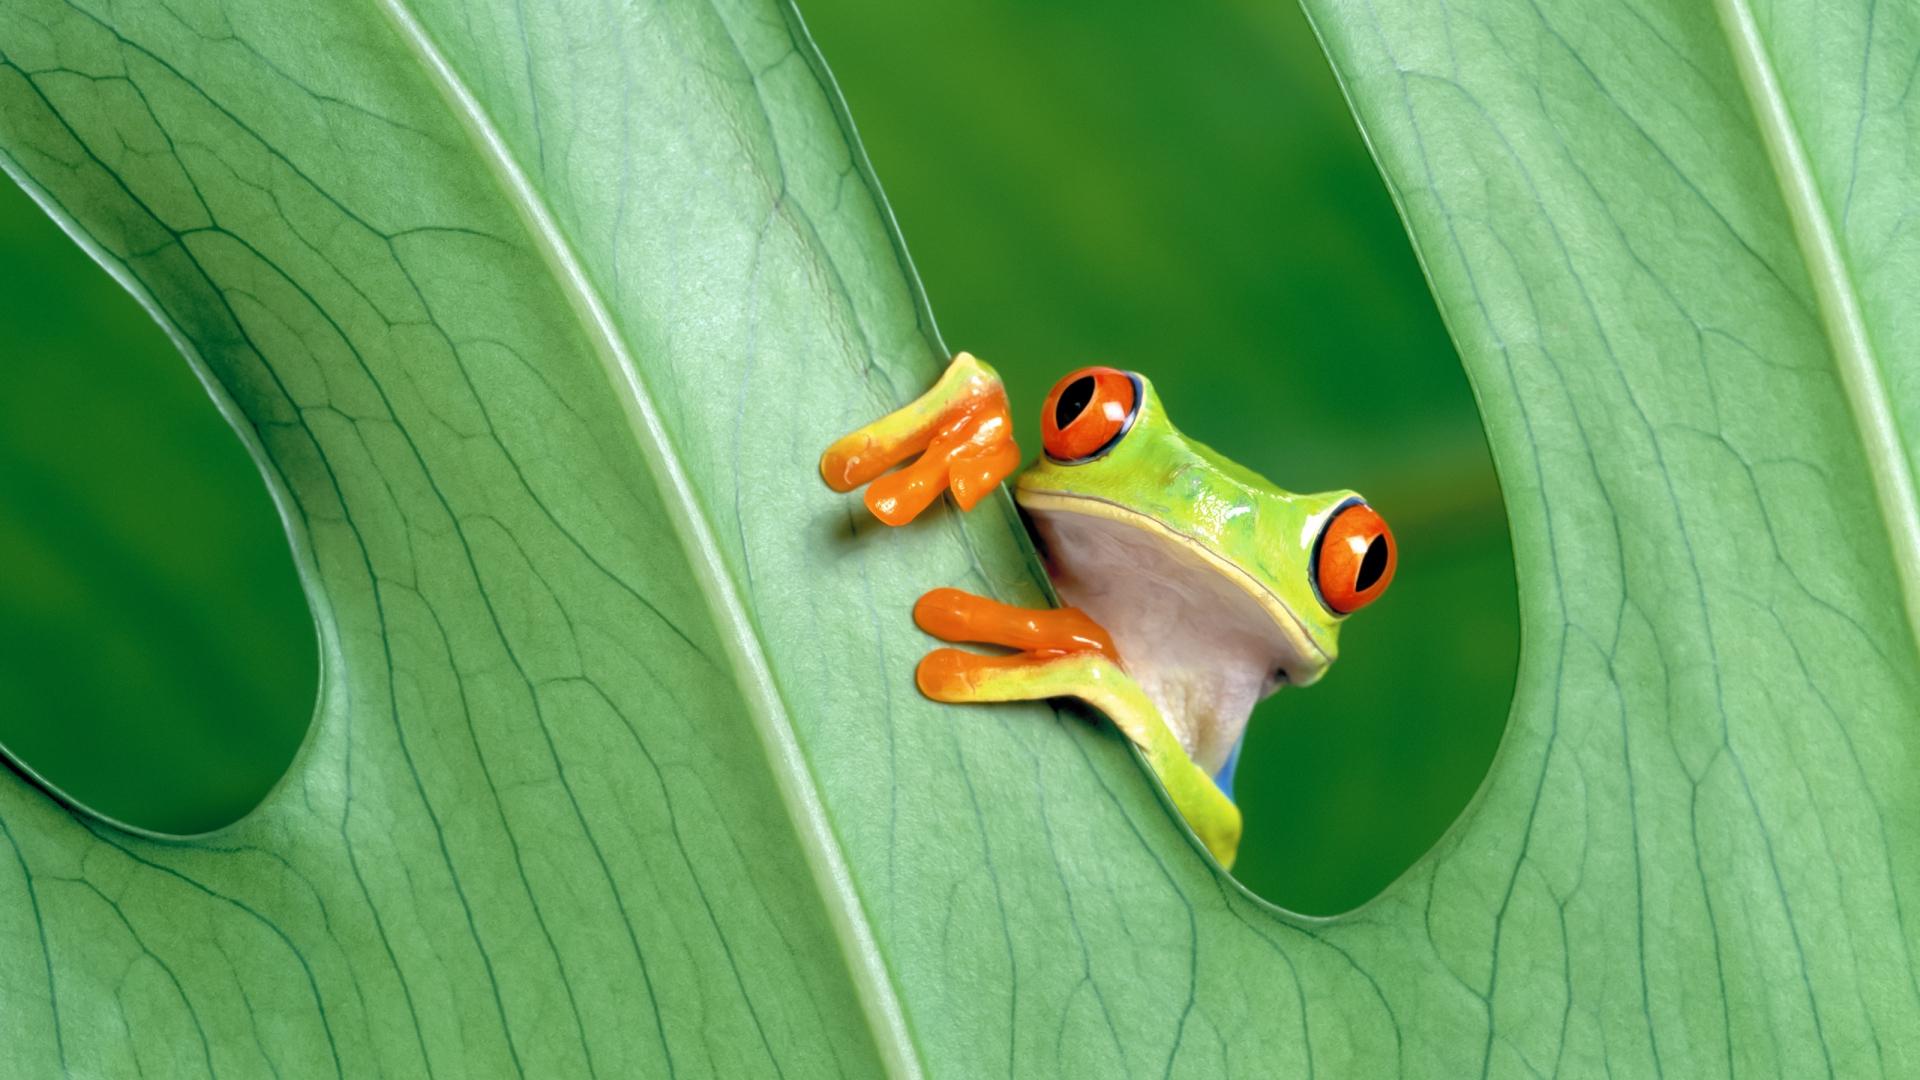 frog grean leaf